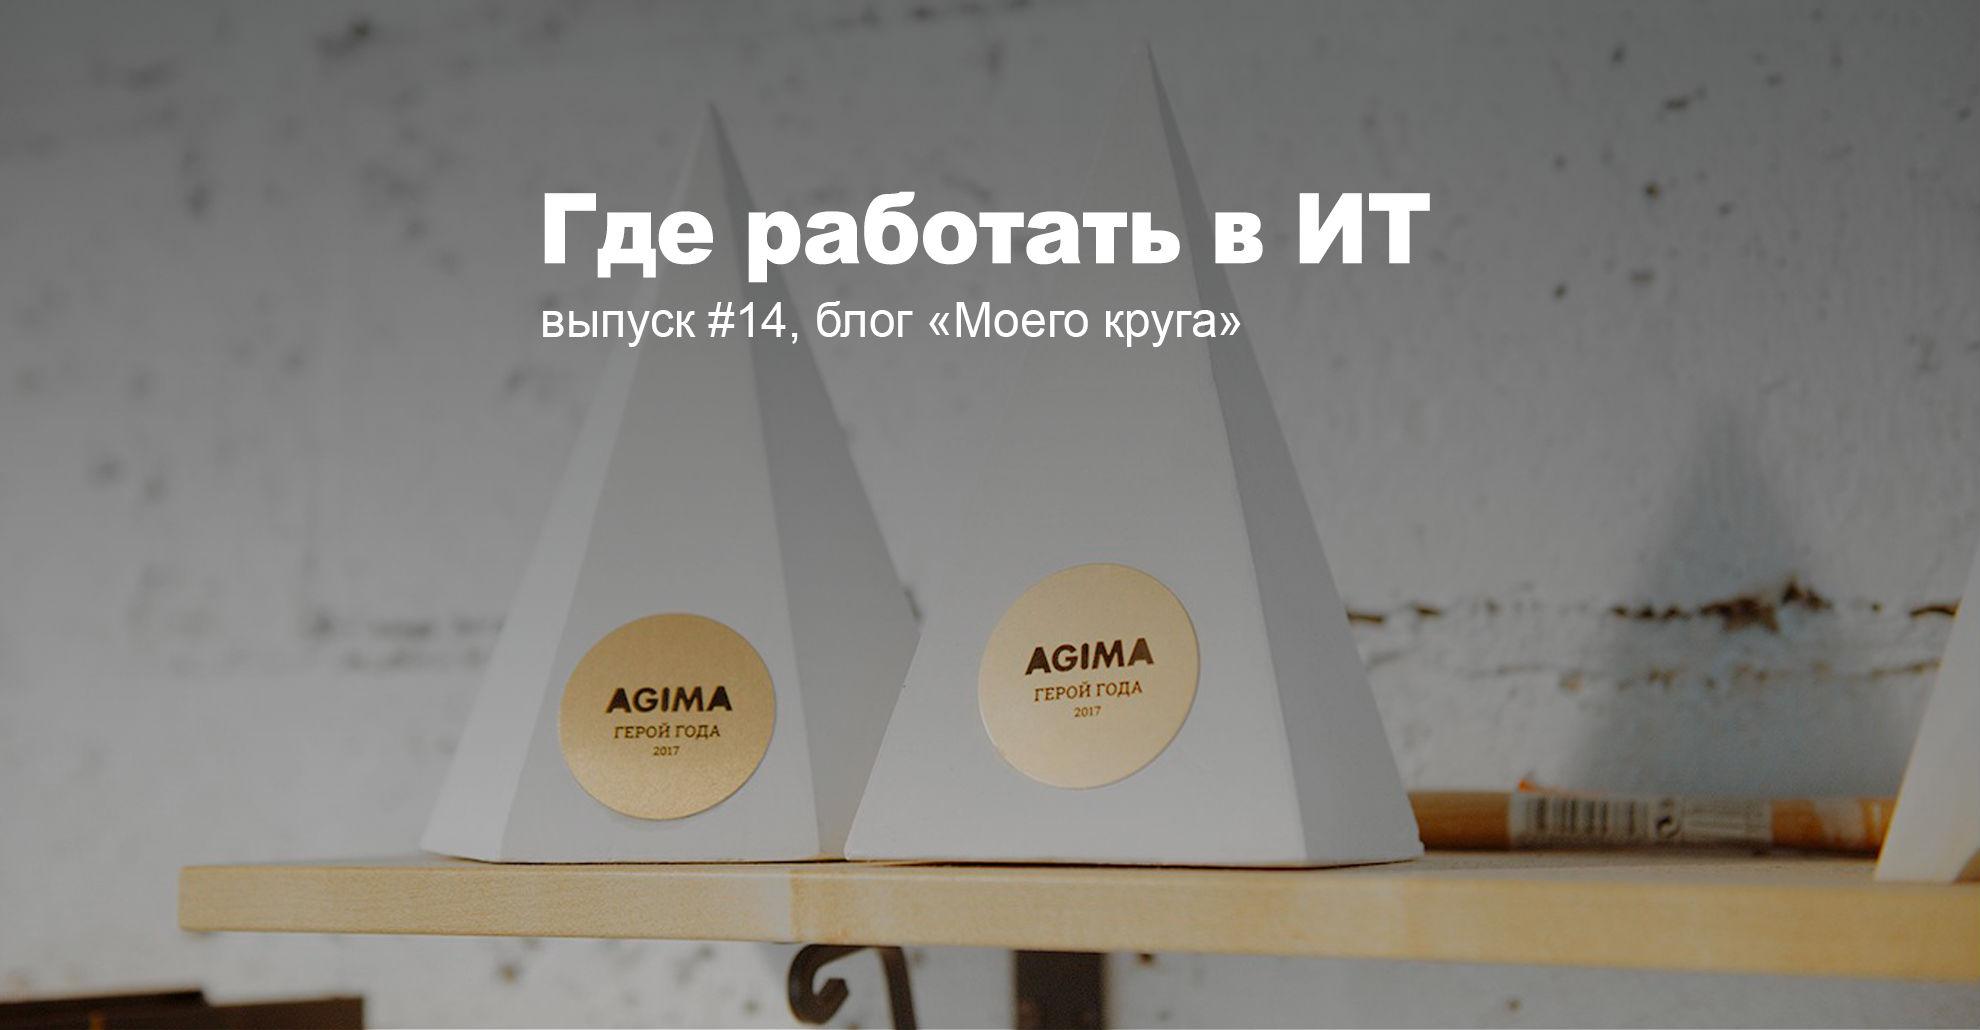 Крупнейшие заказчики в России — большой куш или головная боль? Опыт AGIMA - 1